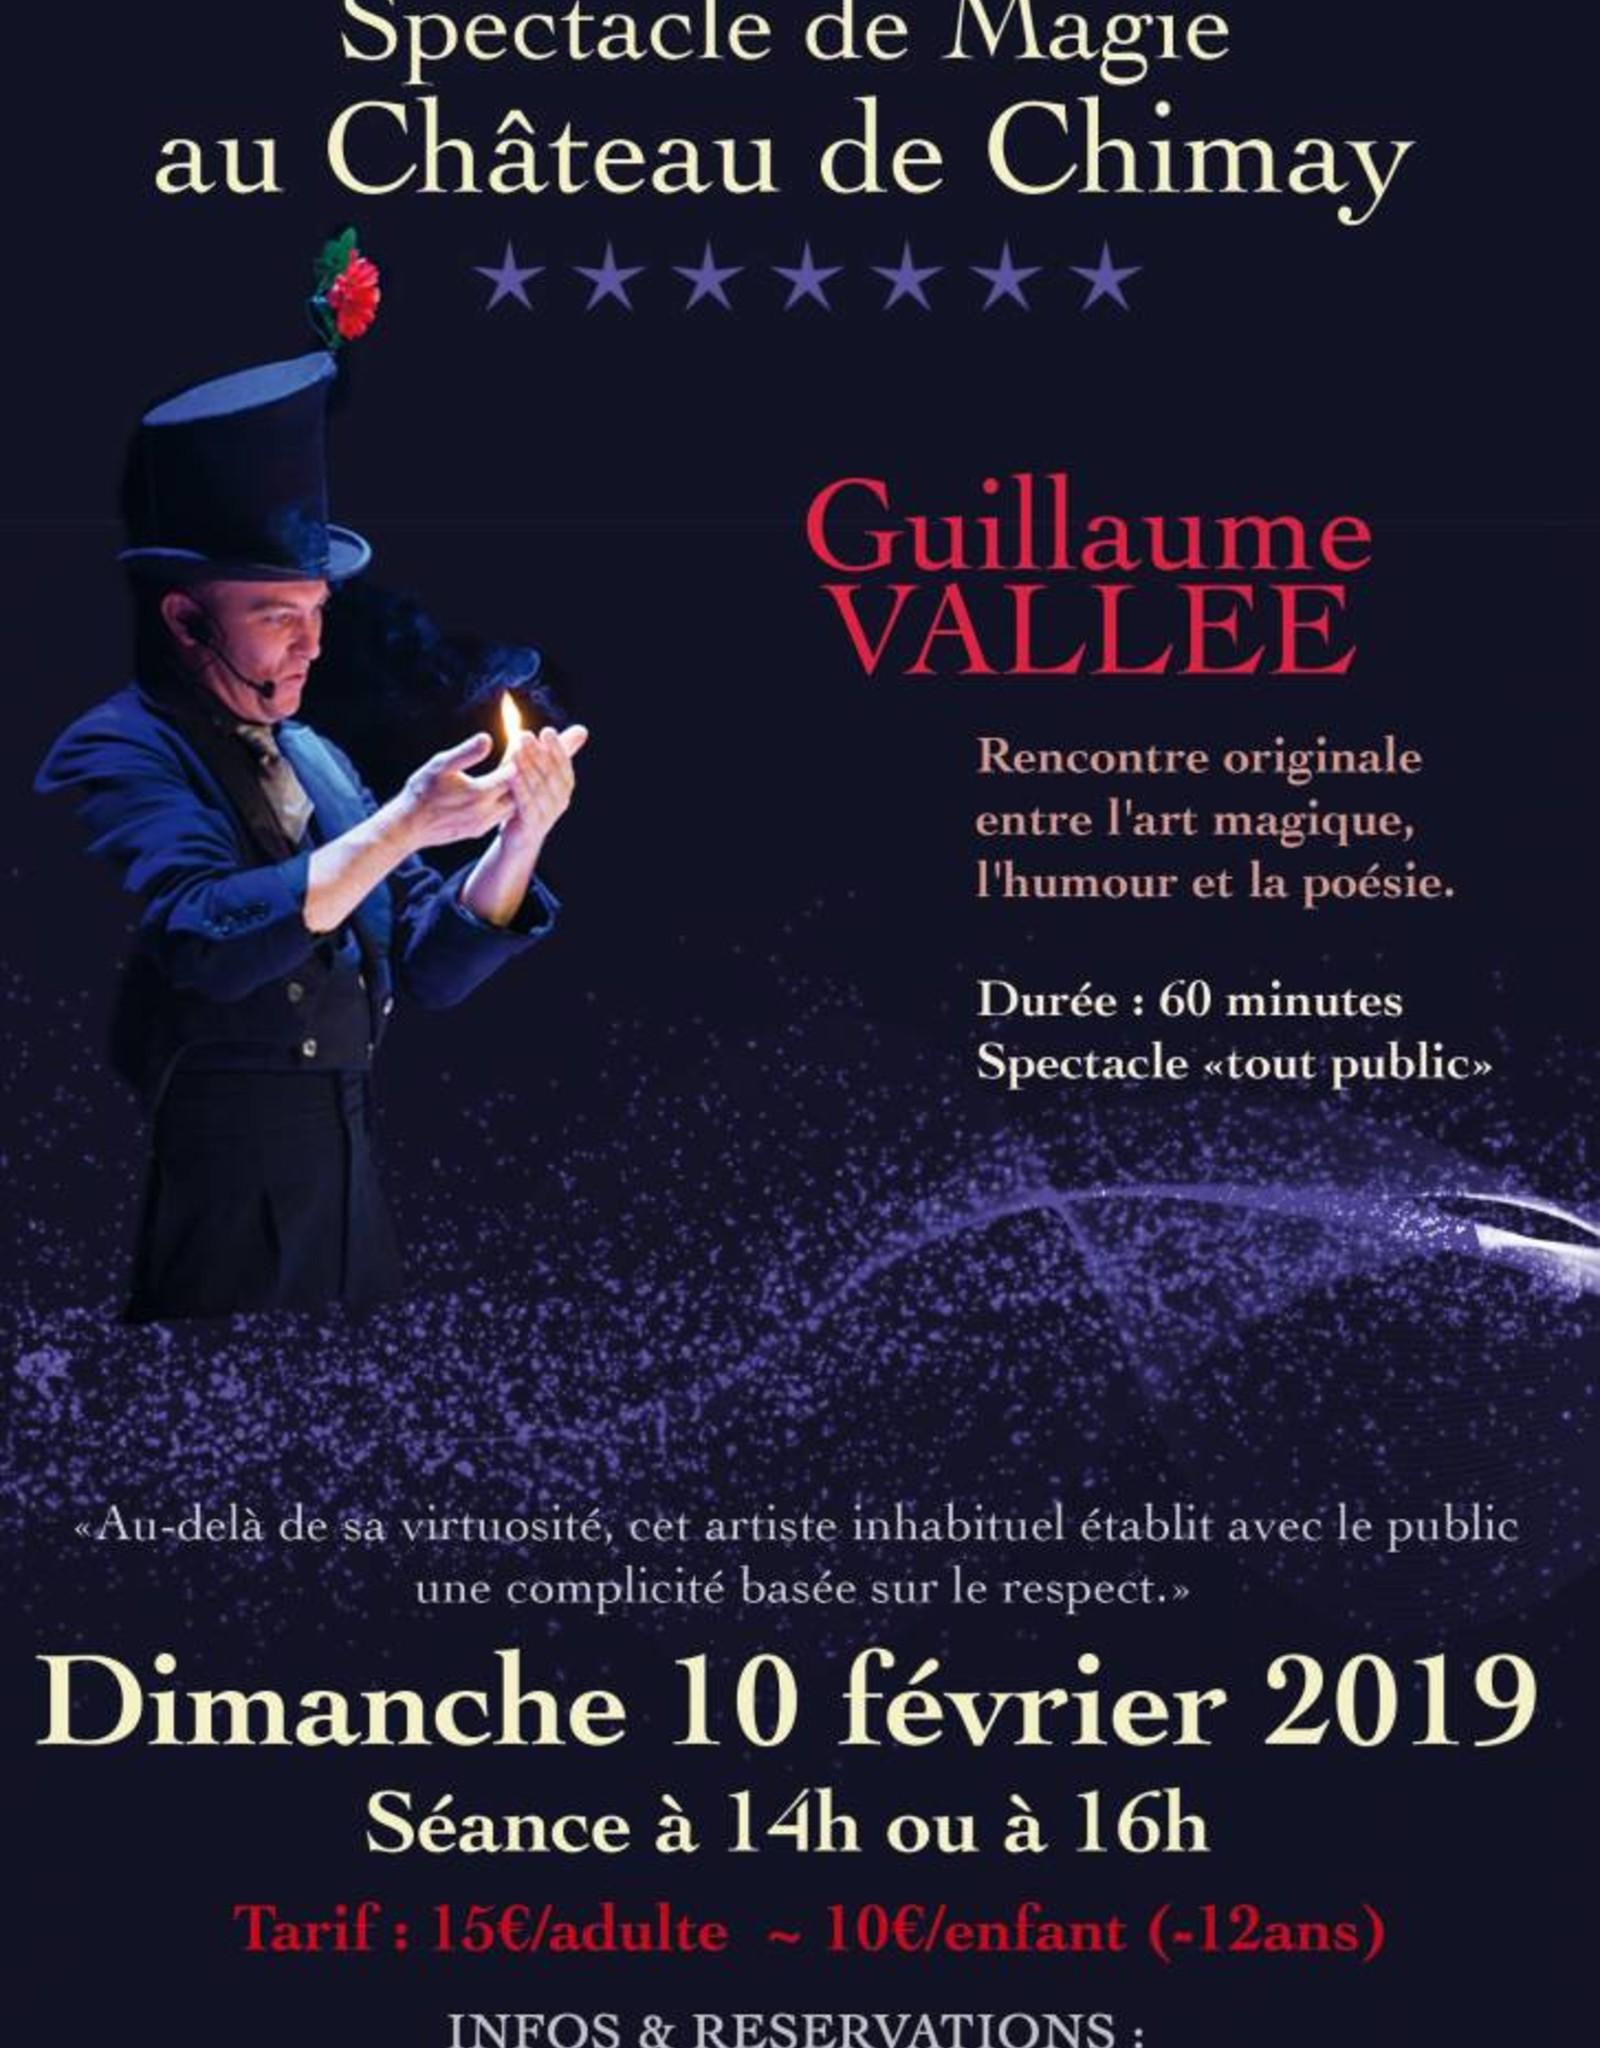 Spectacle de magie 10/02/19 - séance de 14h